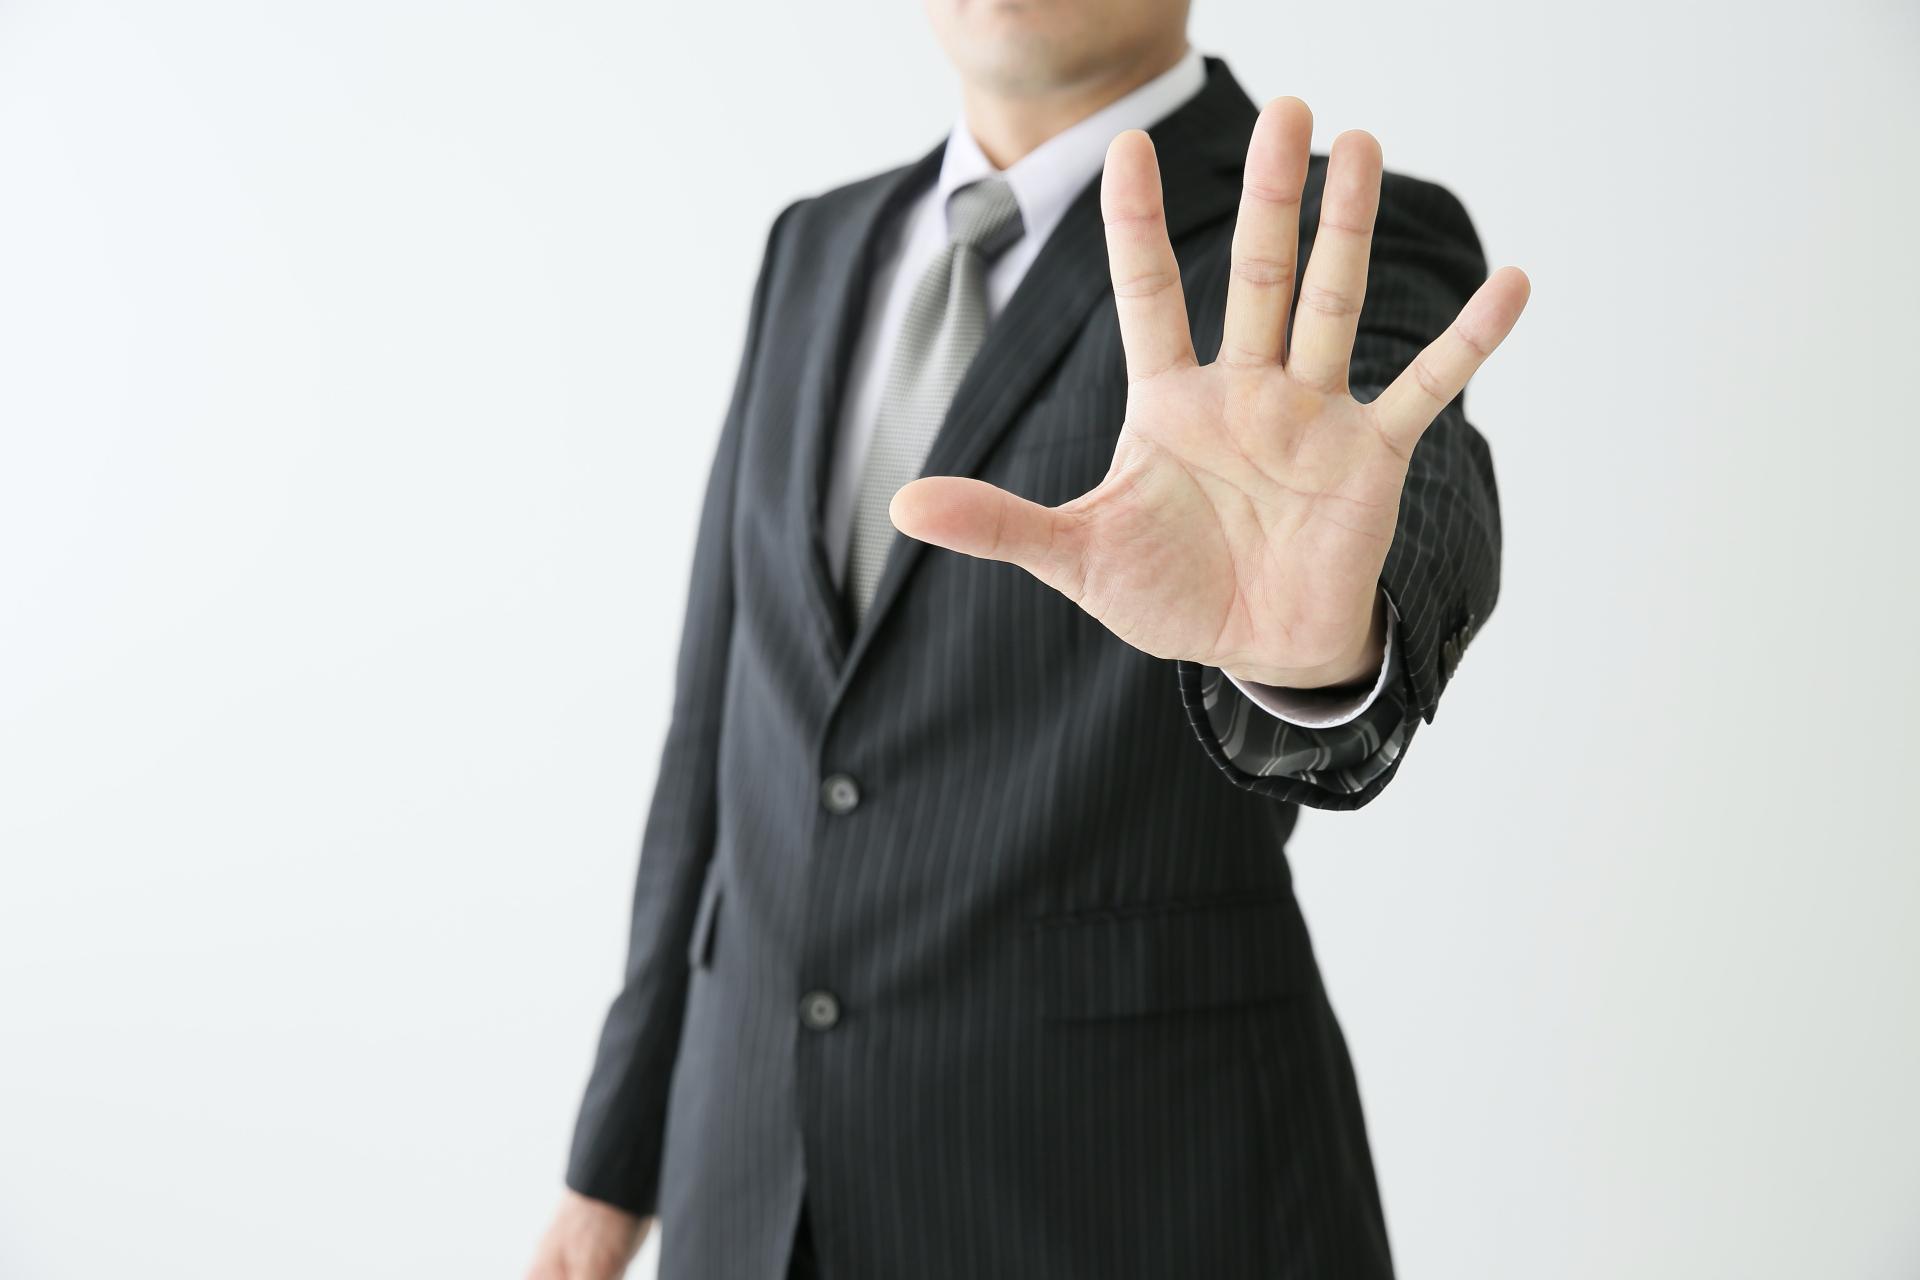 人事必見!新卒採用した試用期間中に解雇は可能か?ポイントと注意事項を解説